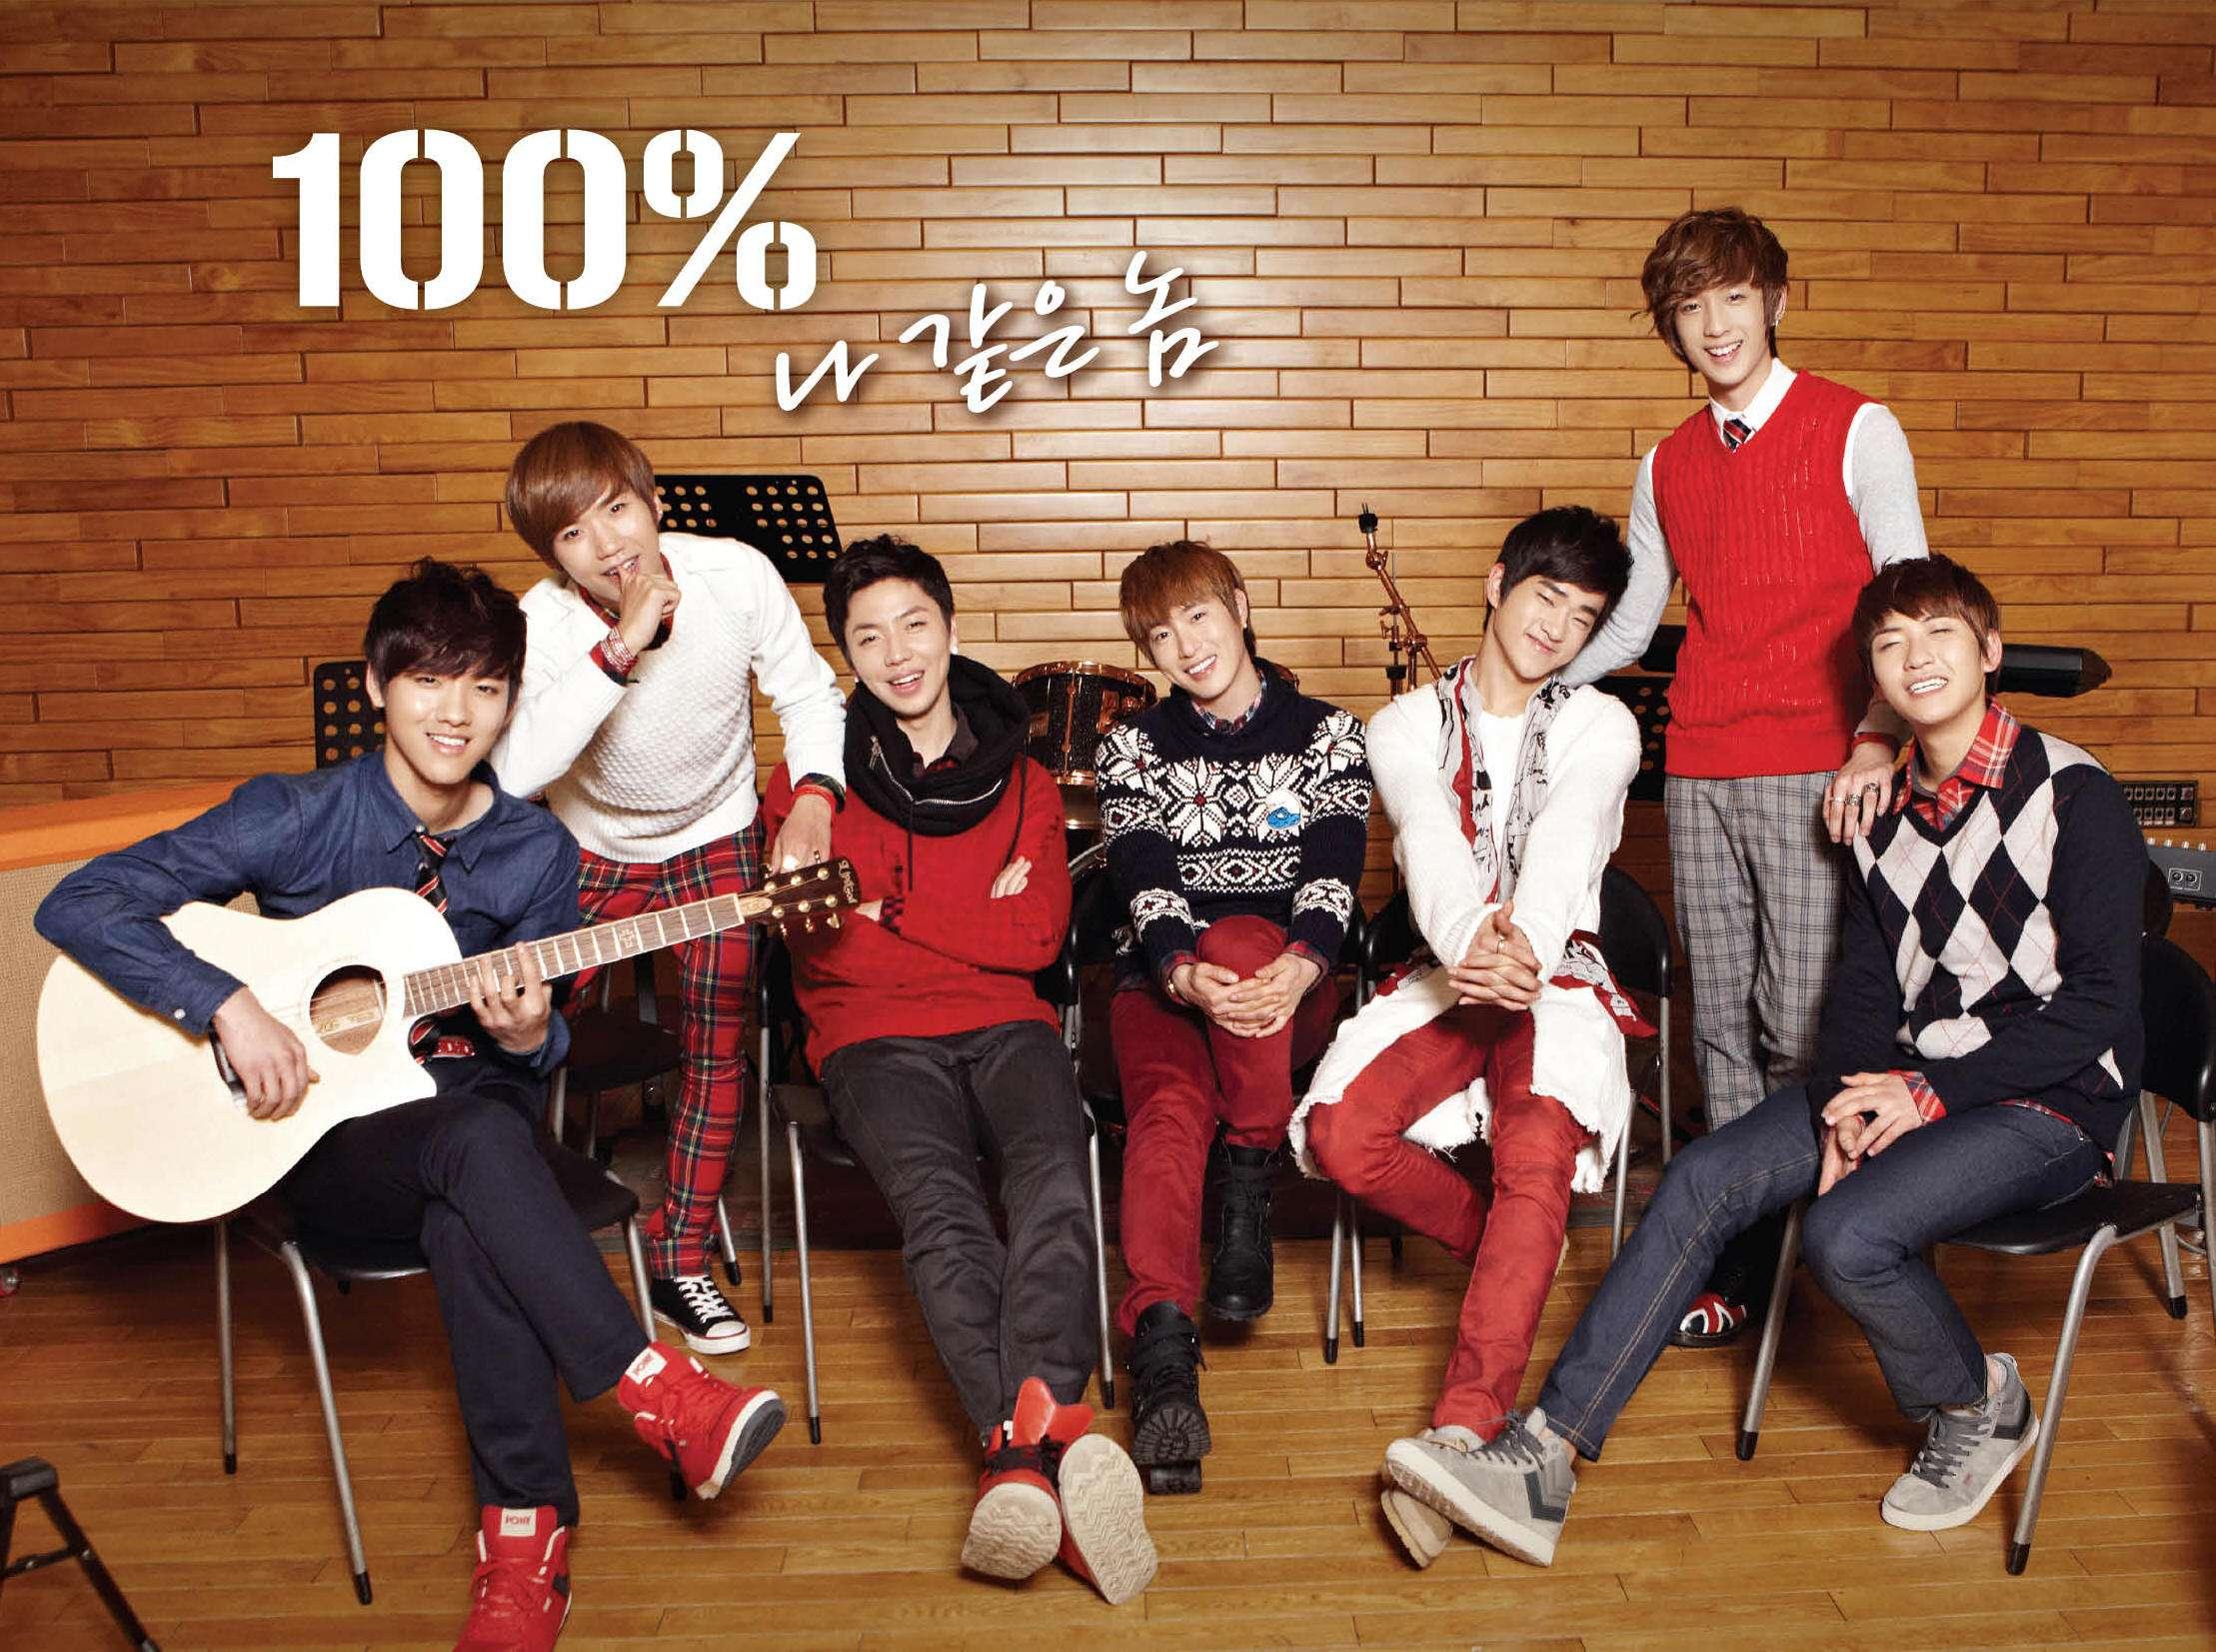 [Single] 100% - Guy Like Me